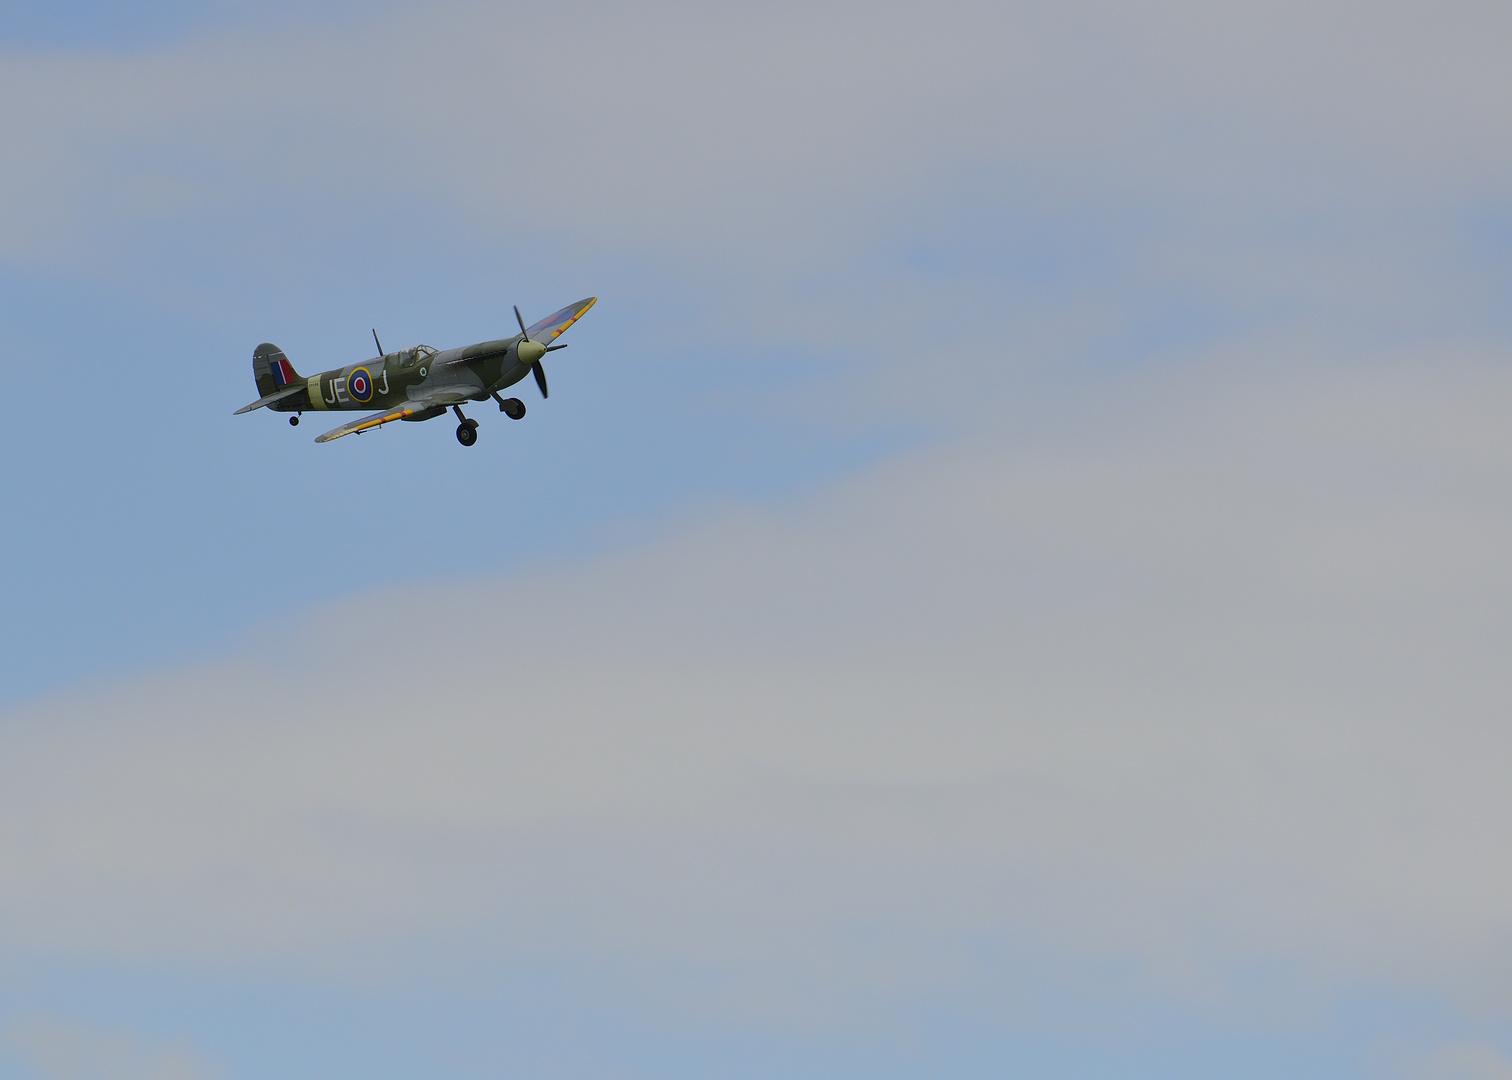 Spitfire im Anflug